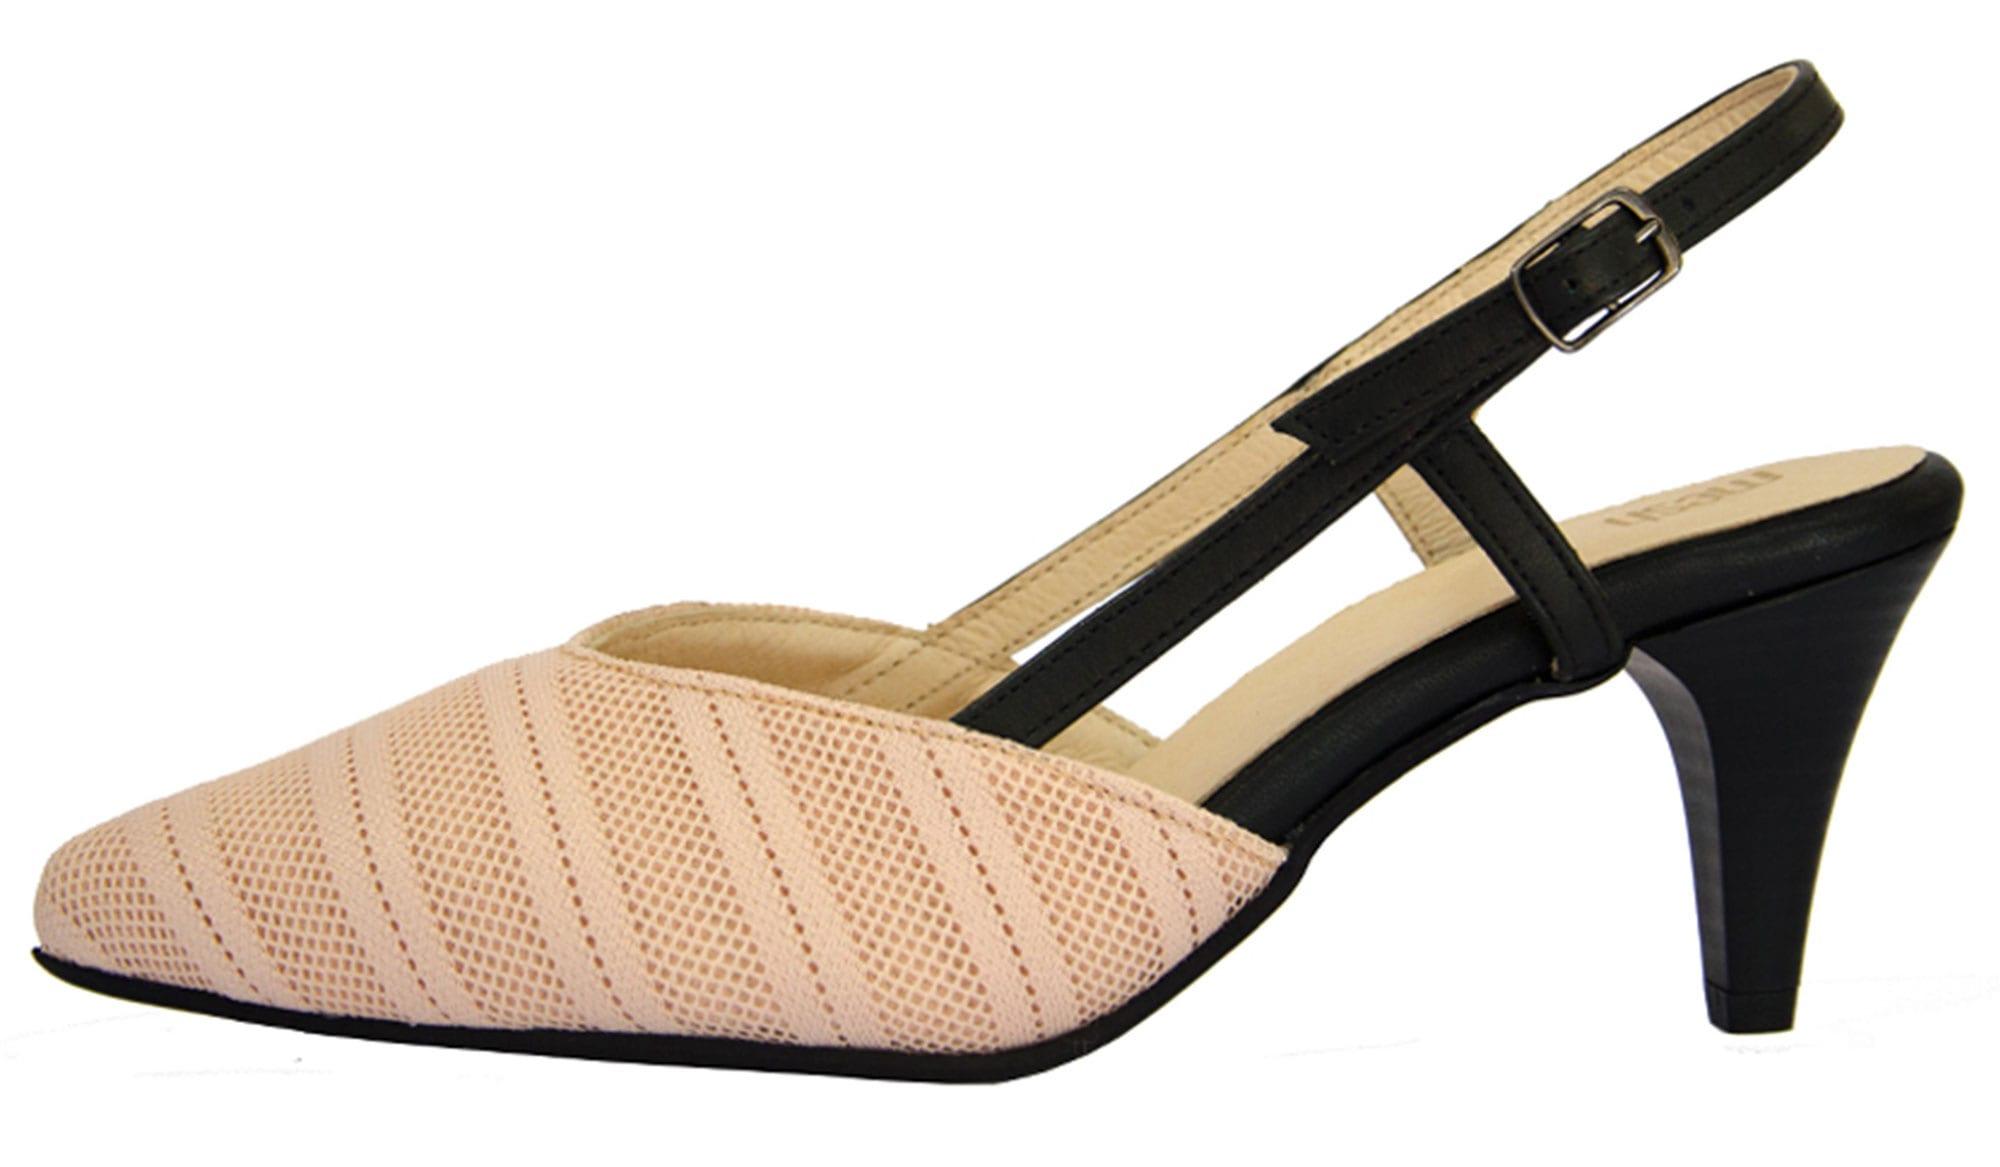 ביכורים לשבועות: Mesh Shoes, מותג הנעליים של המעצבת שרון חרמש. מחיר: 635 שקל. צילום: שרון חרמש